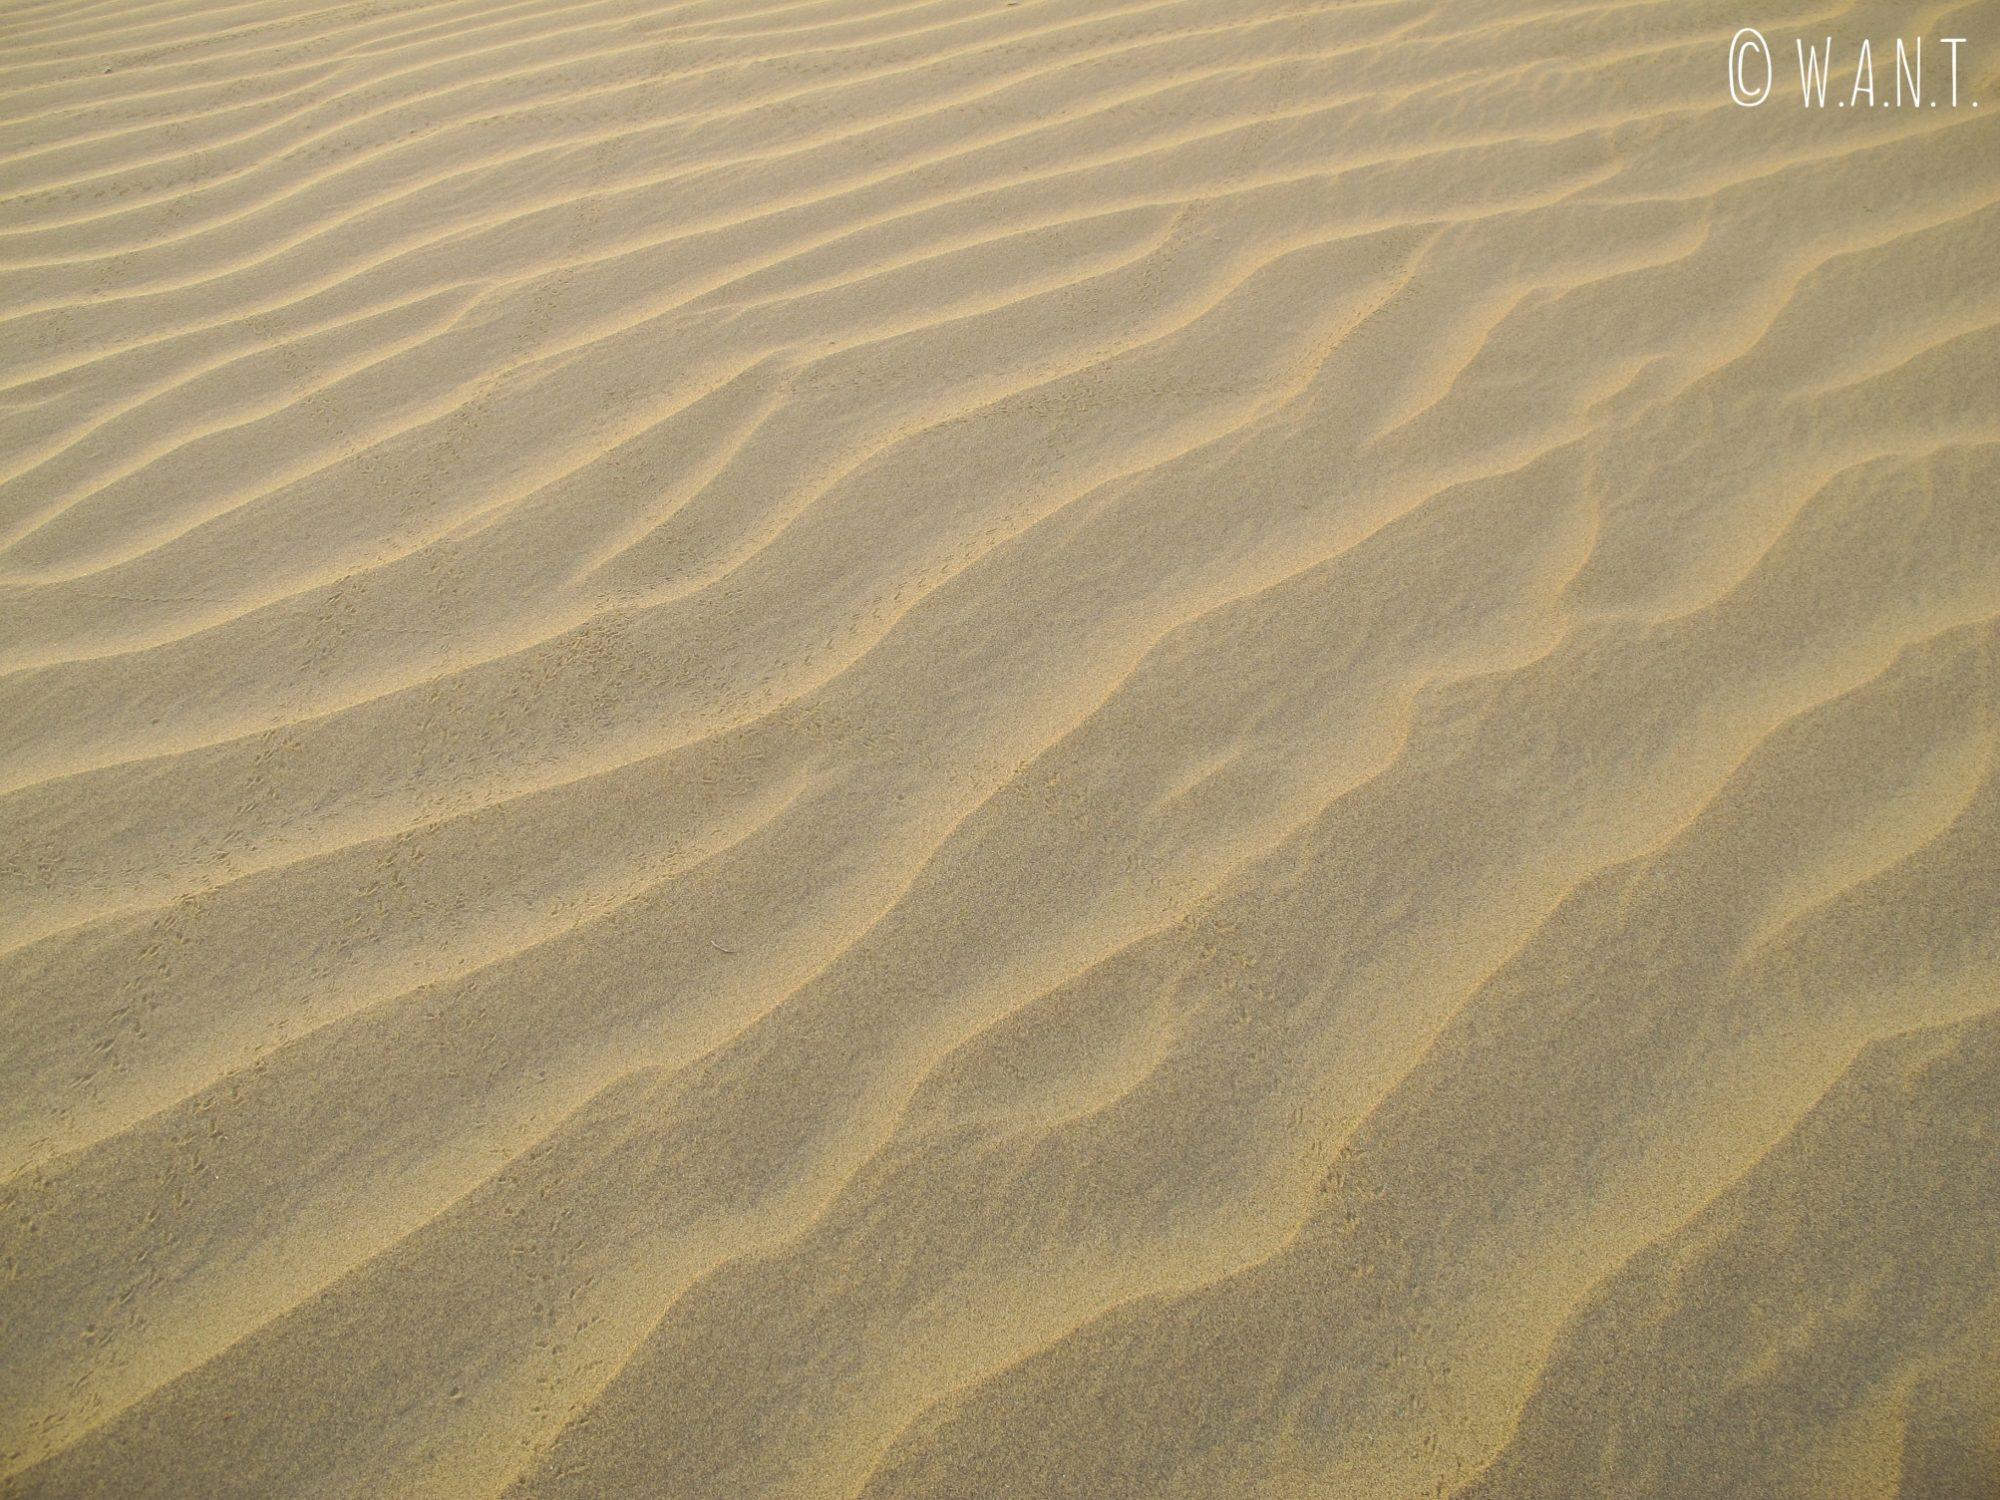 Les dunes du désert du Thar